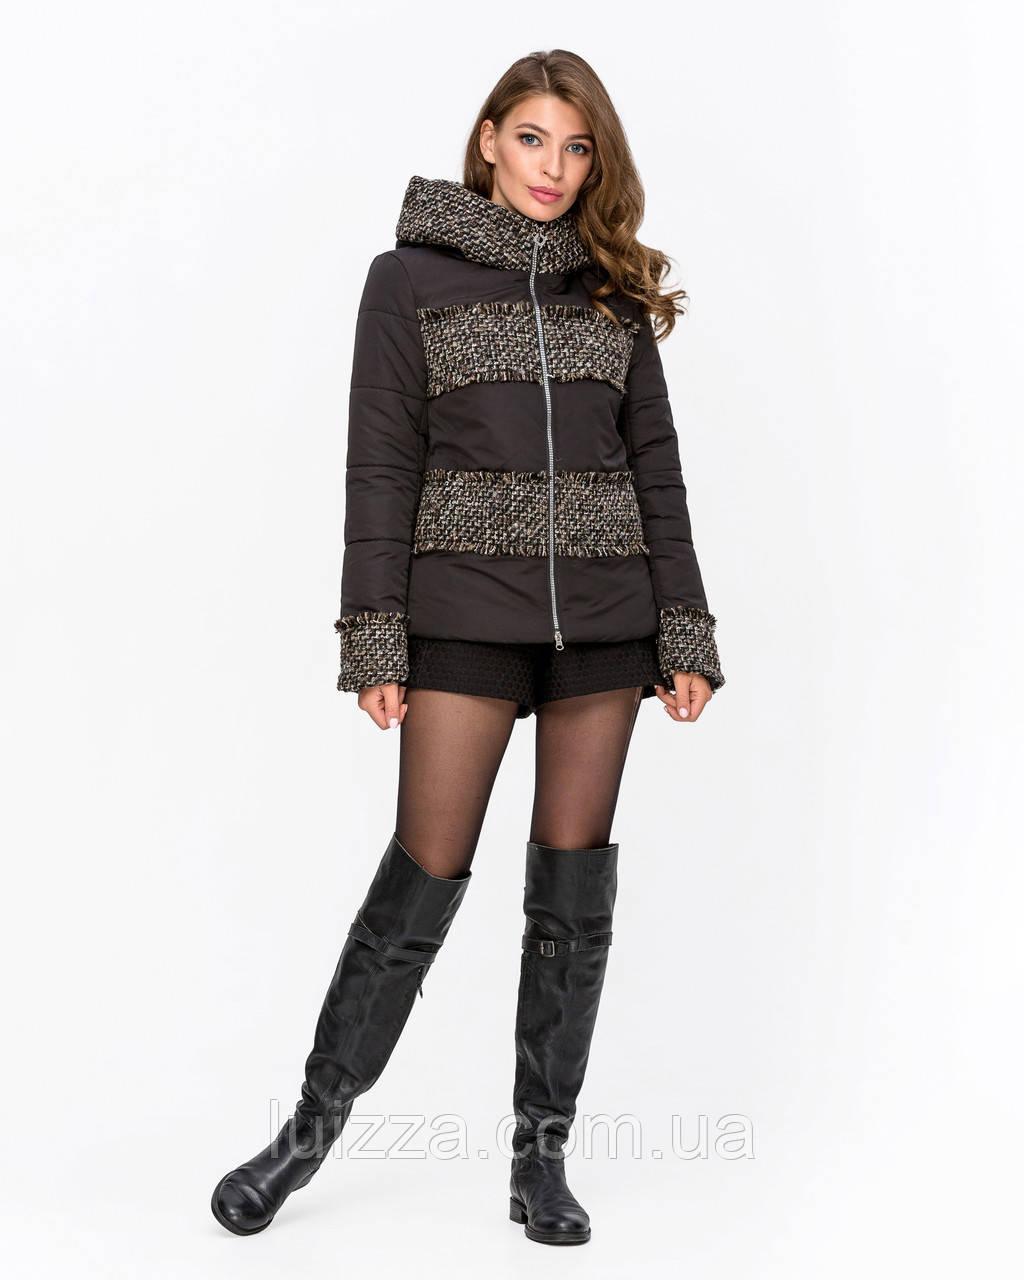 Куртка комбинированная с твидом темно-сер 42-50р